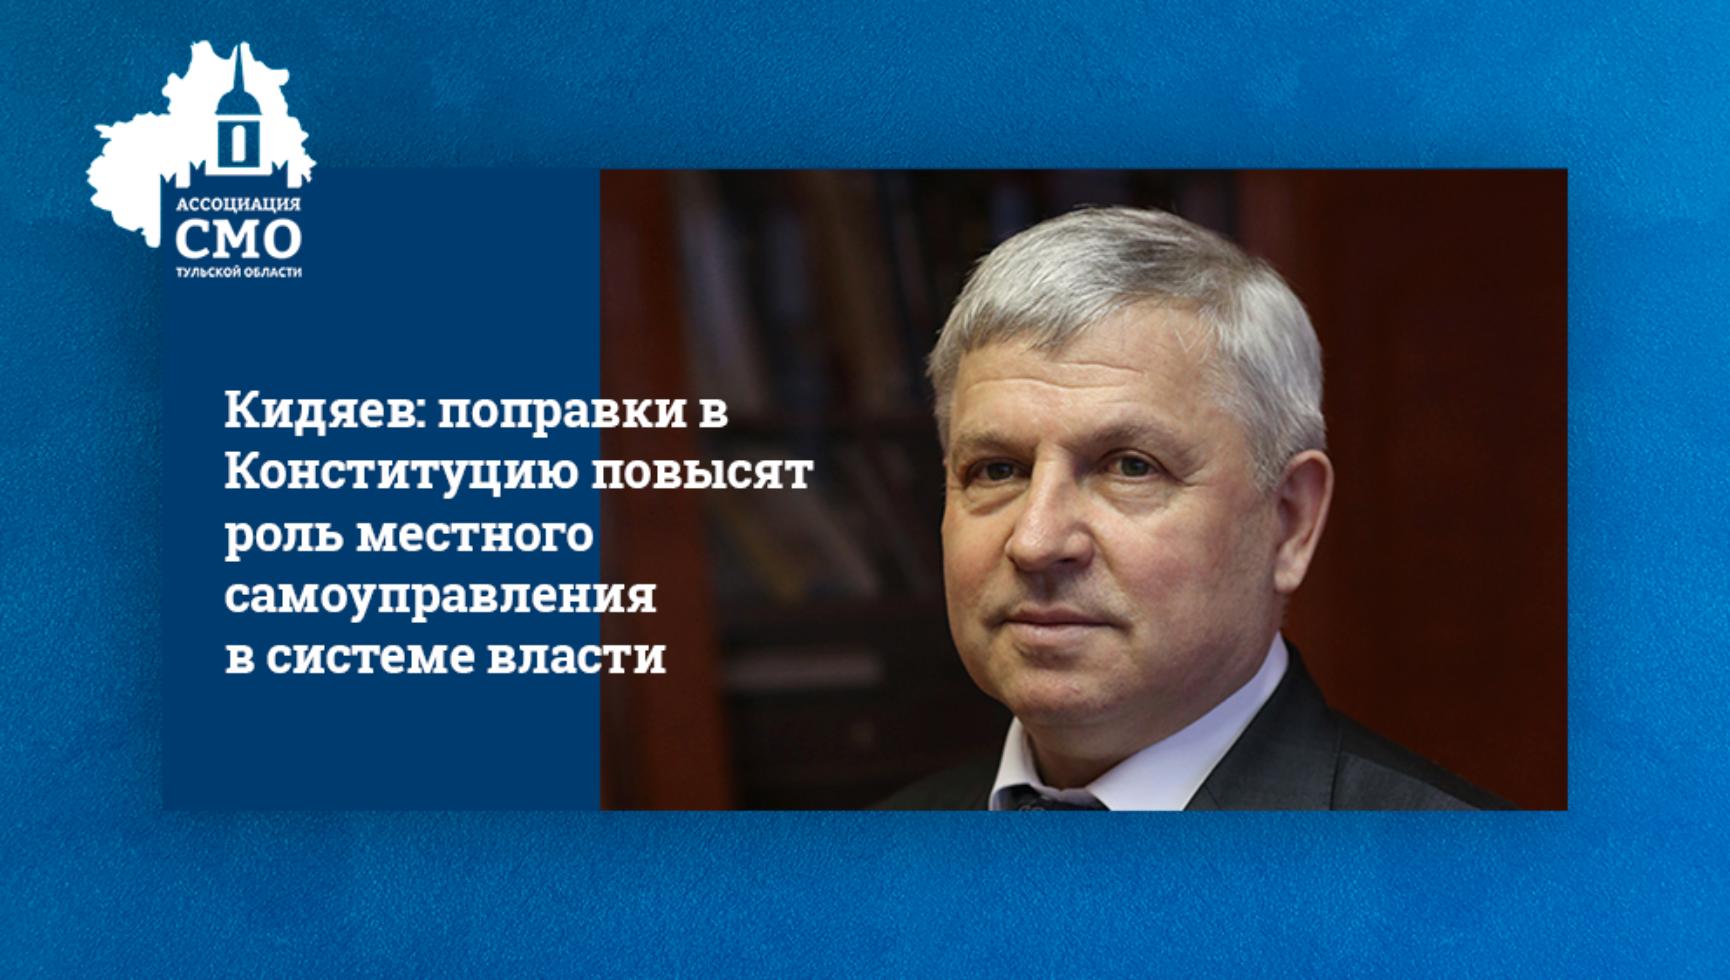 Кидяев: поправки в Конституцию повысят роль местного самоуправления в системе власти